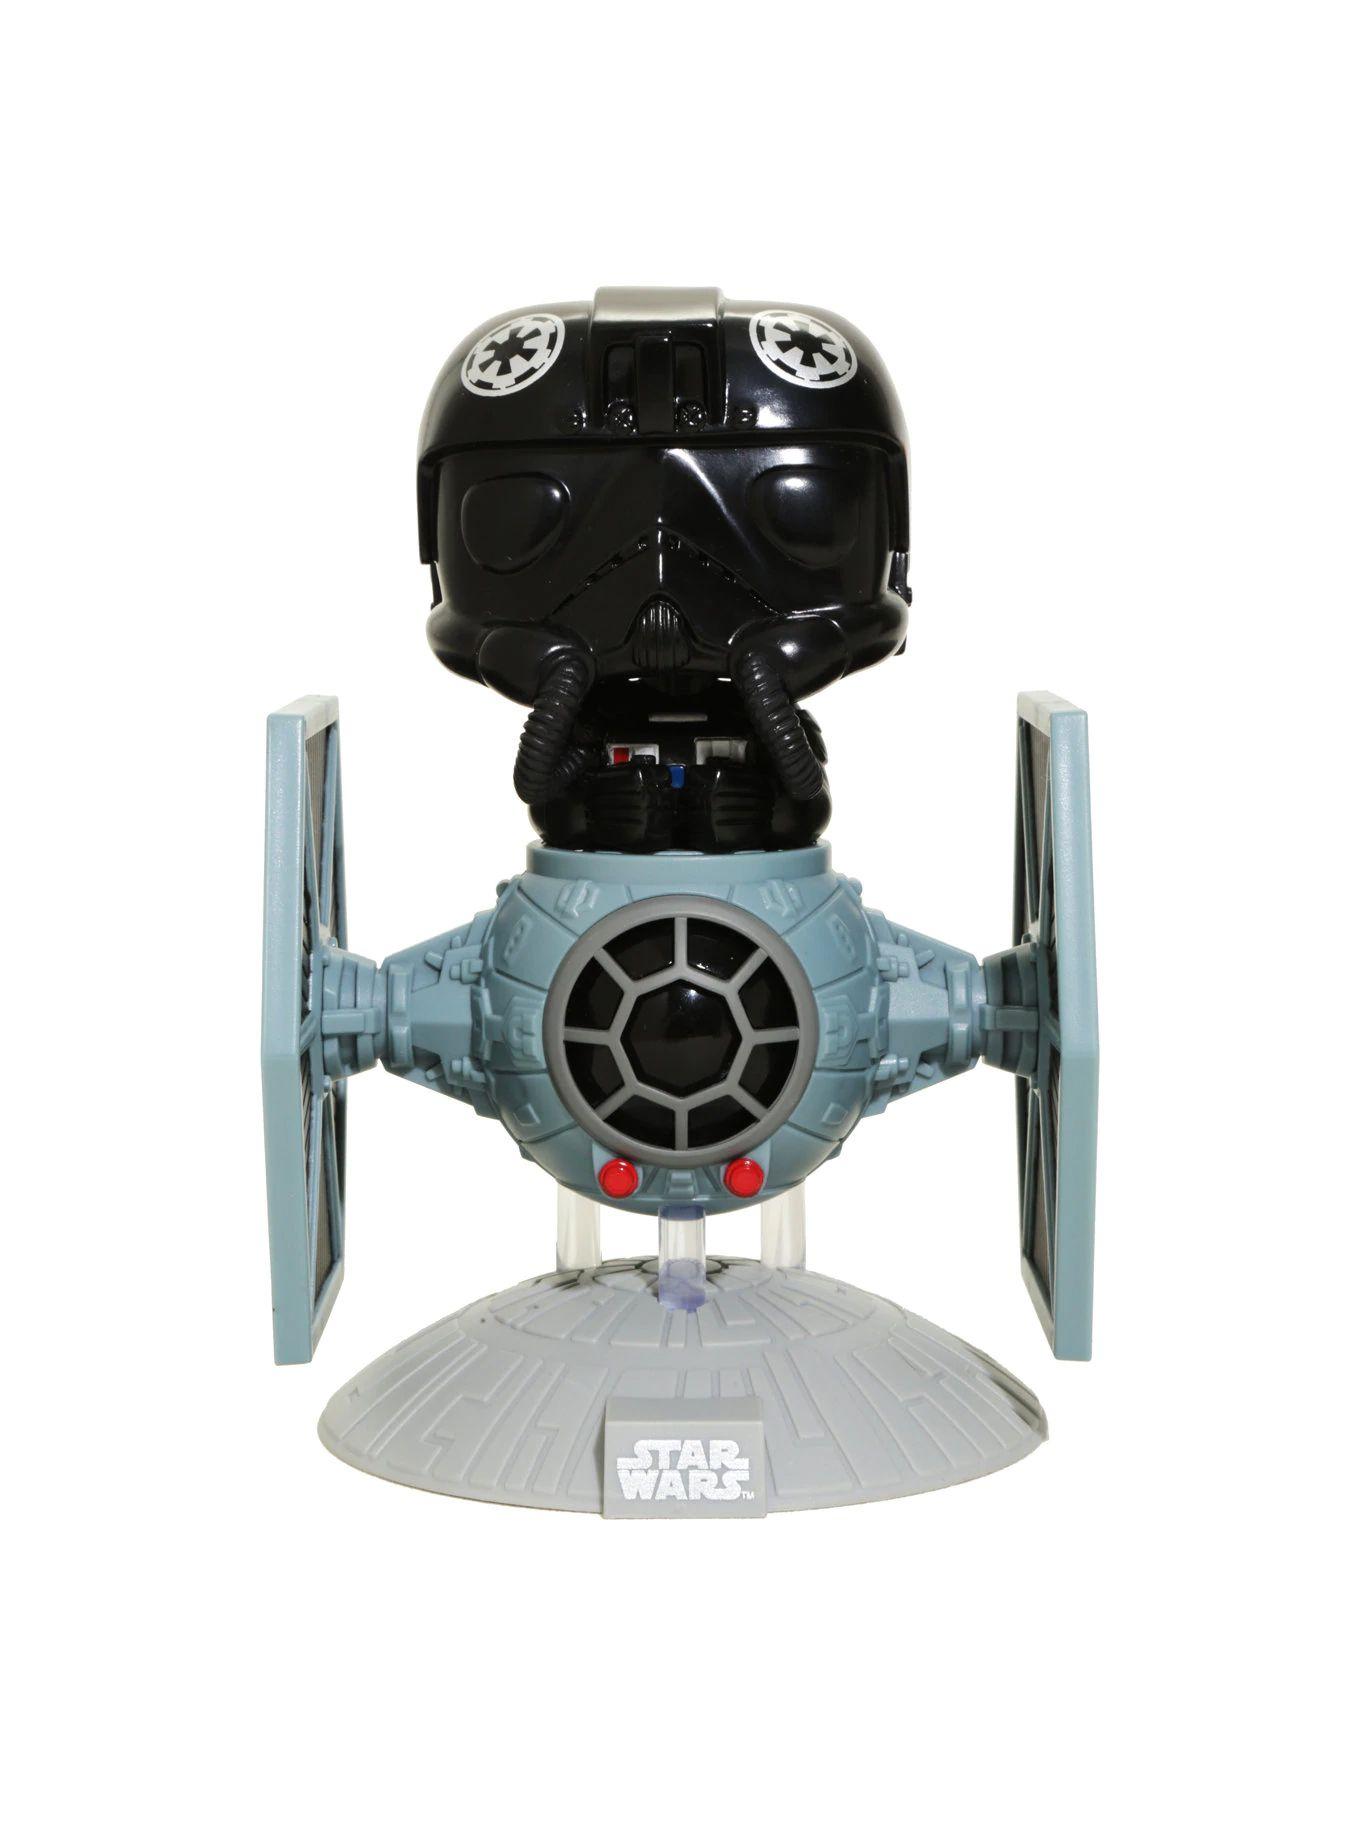 TIE Fighter Pilot with TIE Fighter #221 - Star Wars - Funko Pop!